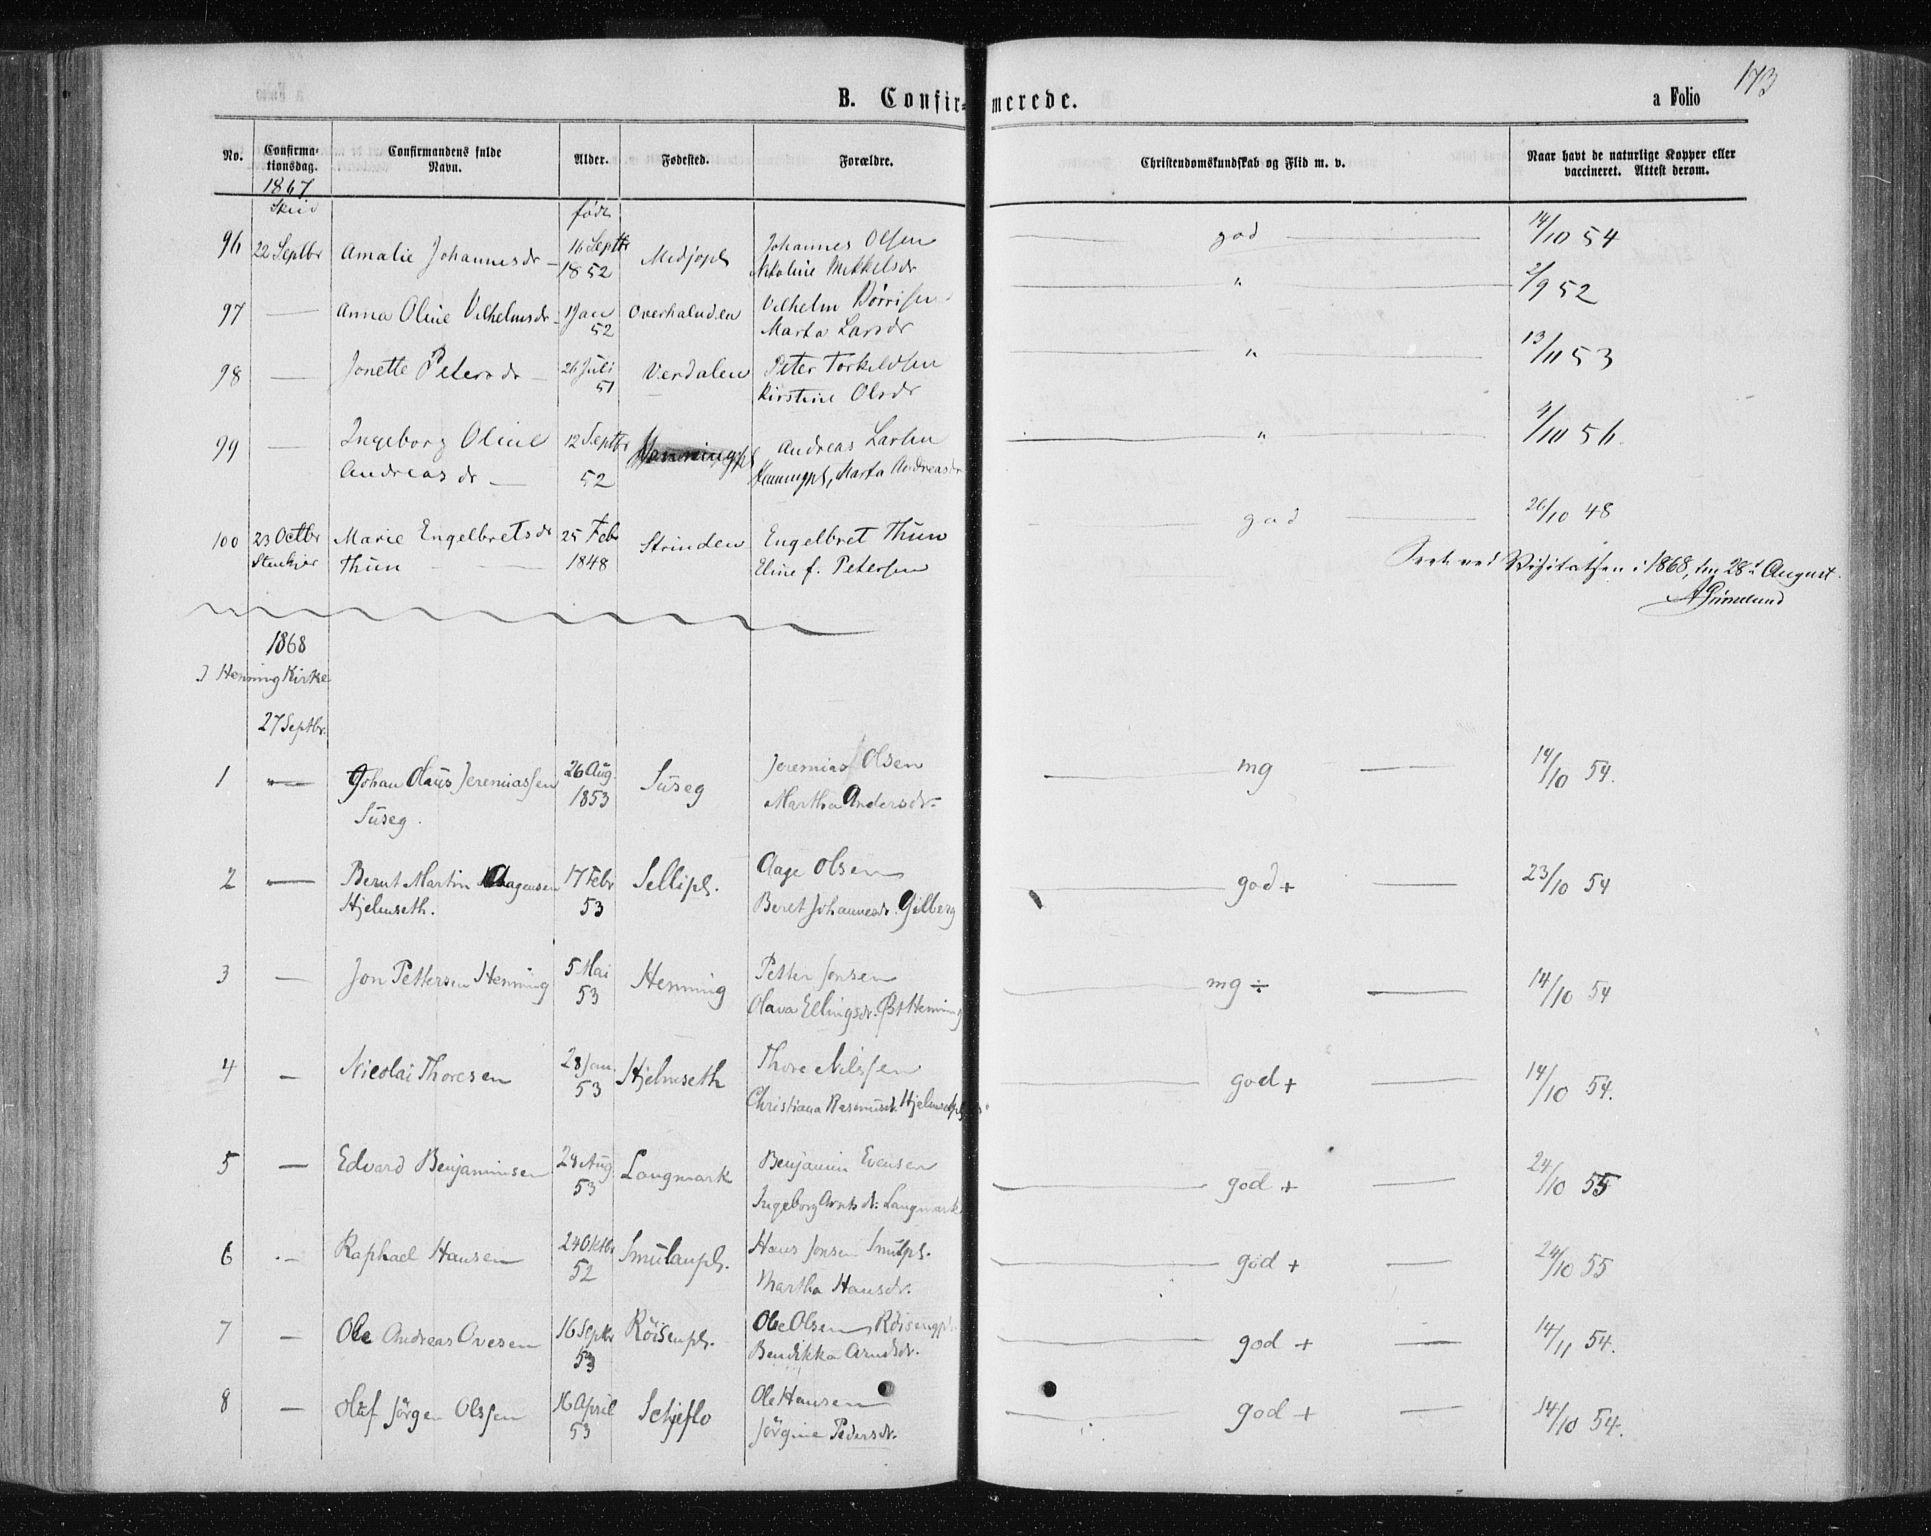 SAT, Ministerialprotokoller, klokkerbøker og fødselsregistre - Nord-Trøndelag, 735/L0345: Ministerialbok nr. 735A08 /1, 1863-1872, s. 173